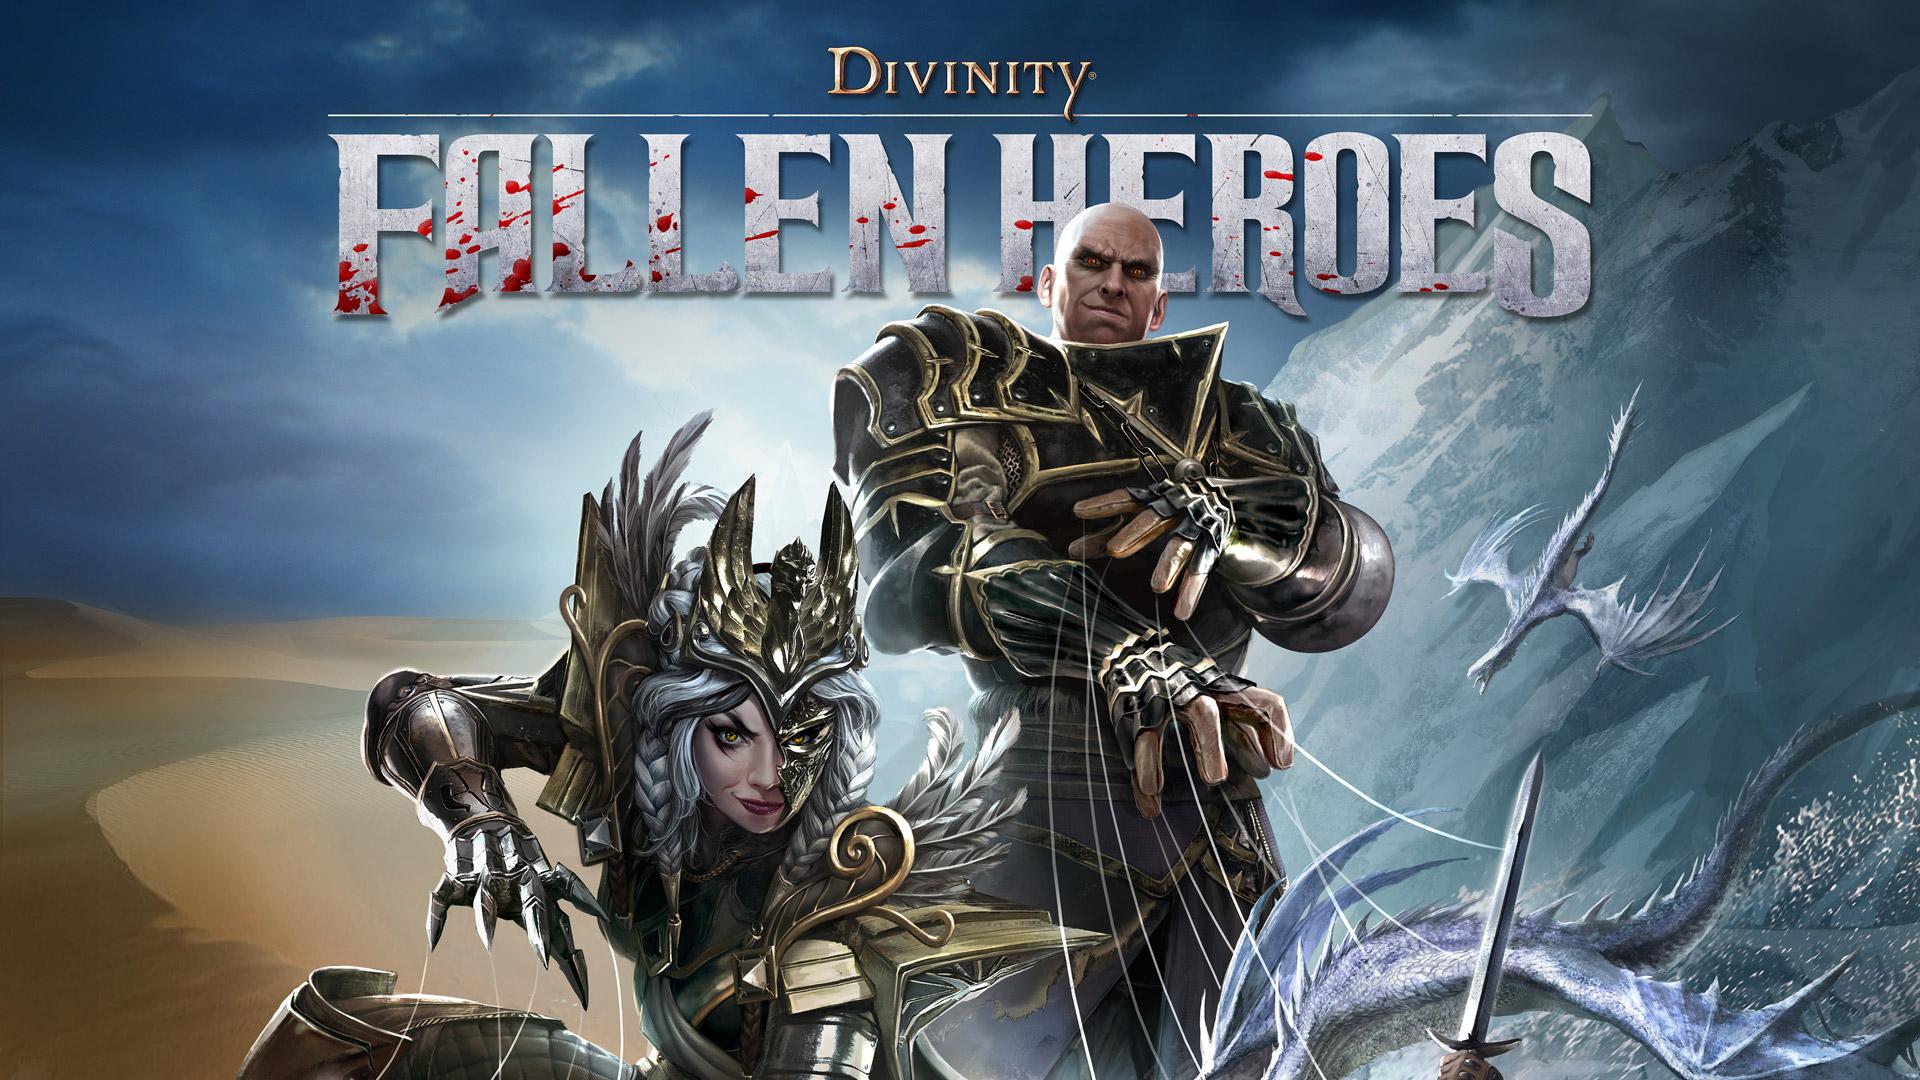 Free Divinity: Fallen Heroes Wallpaper in 1920x1080